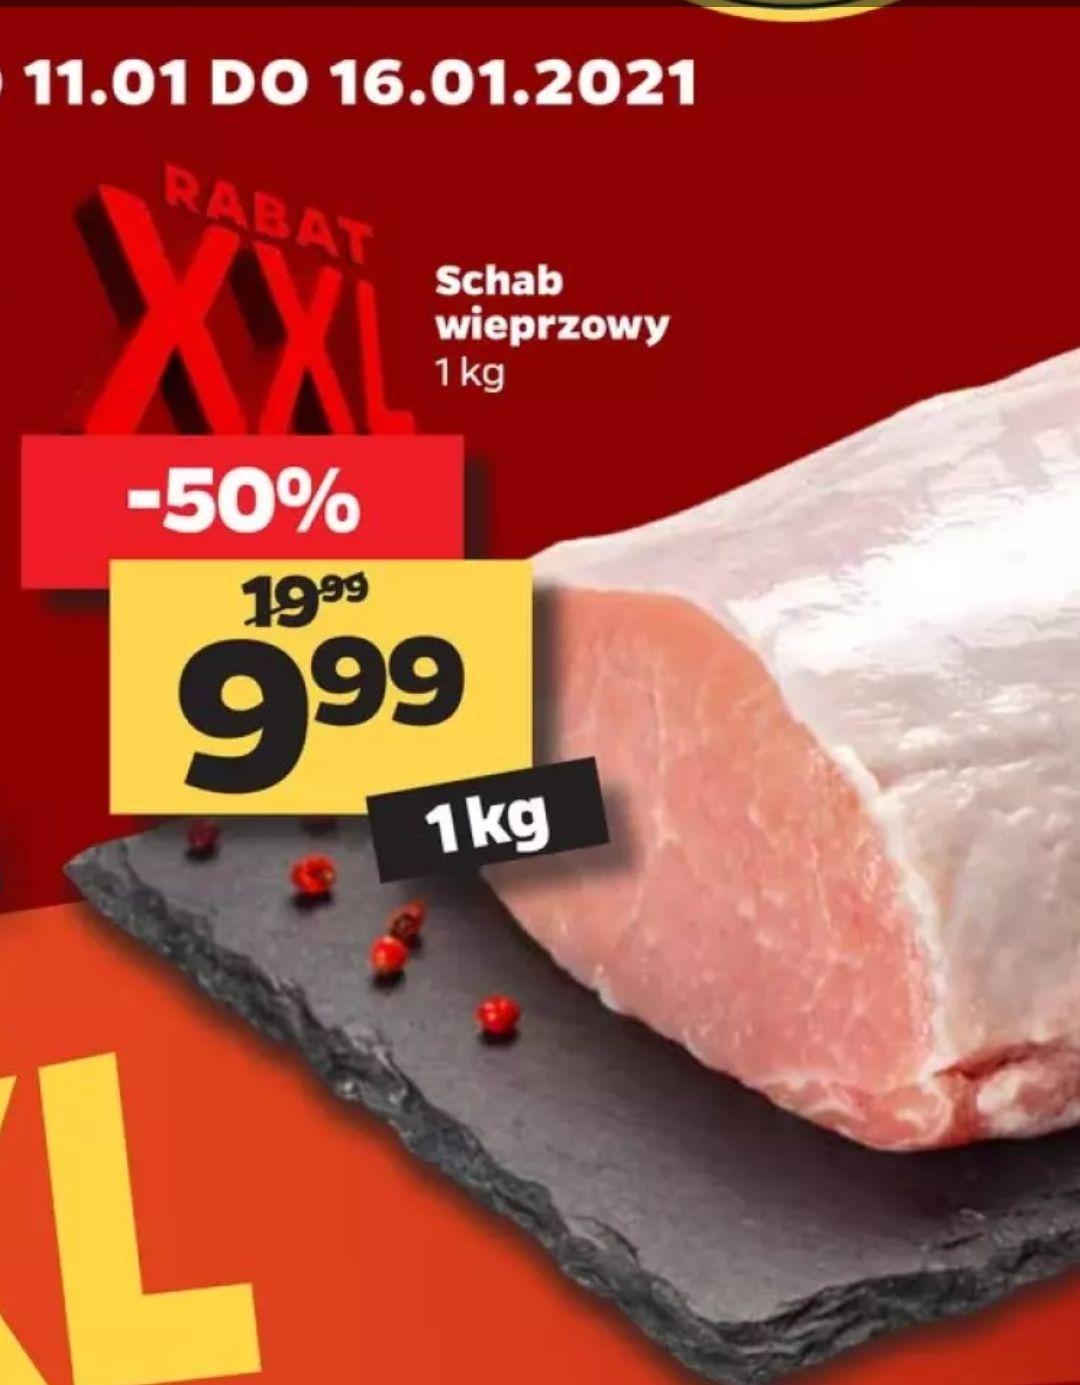 Schab wieprzowy 1kg w Netto